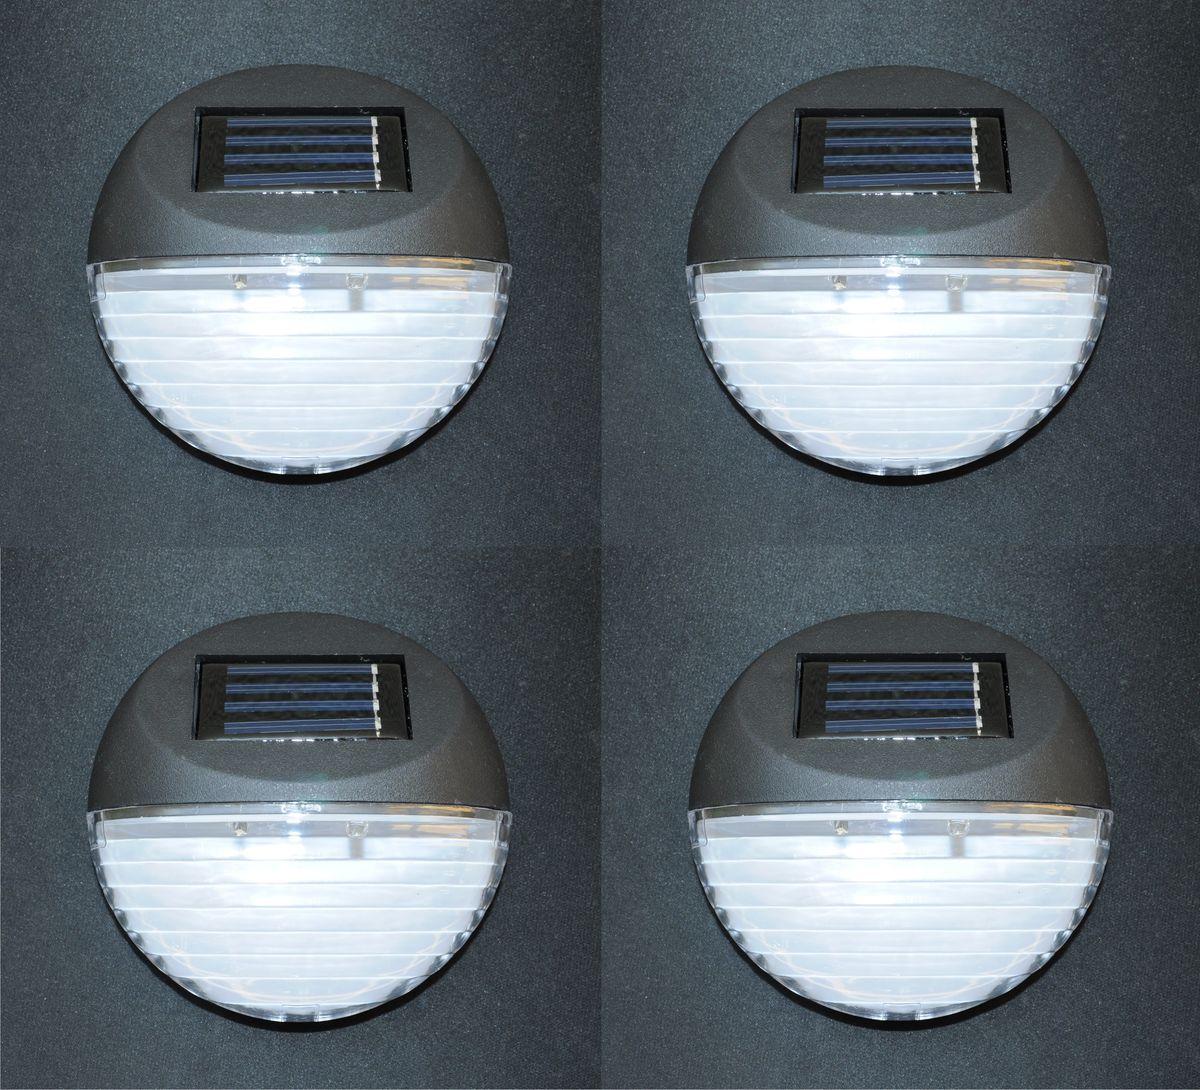 solar led treppenleuchte wandleuchte zaunleuchte weglampe 4er set beleuchtung ebay. Black Bedroom Furniture Sets. Home Design Ideas